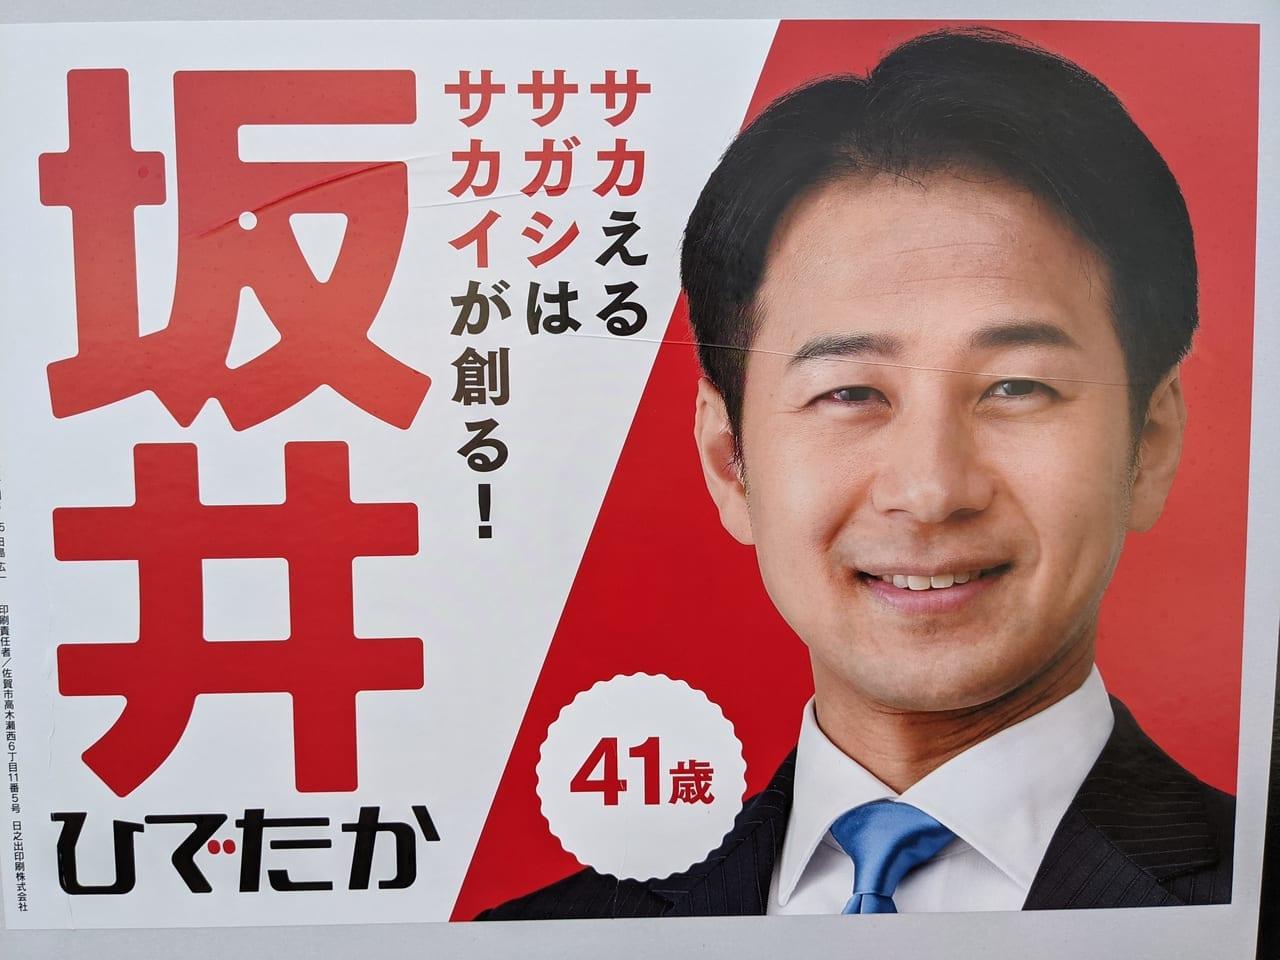 佐賀市 坂井ひでたか新市長